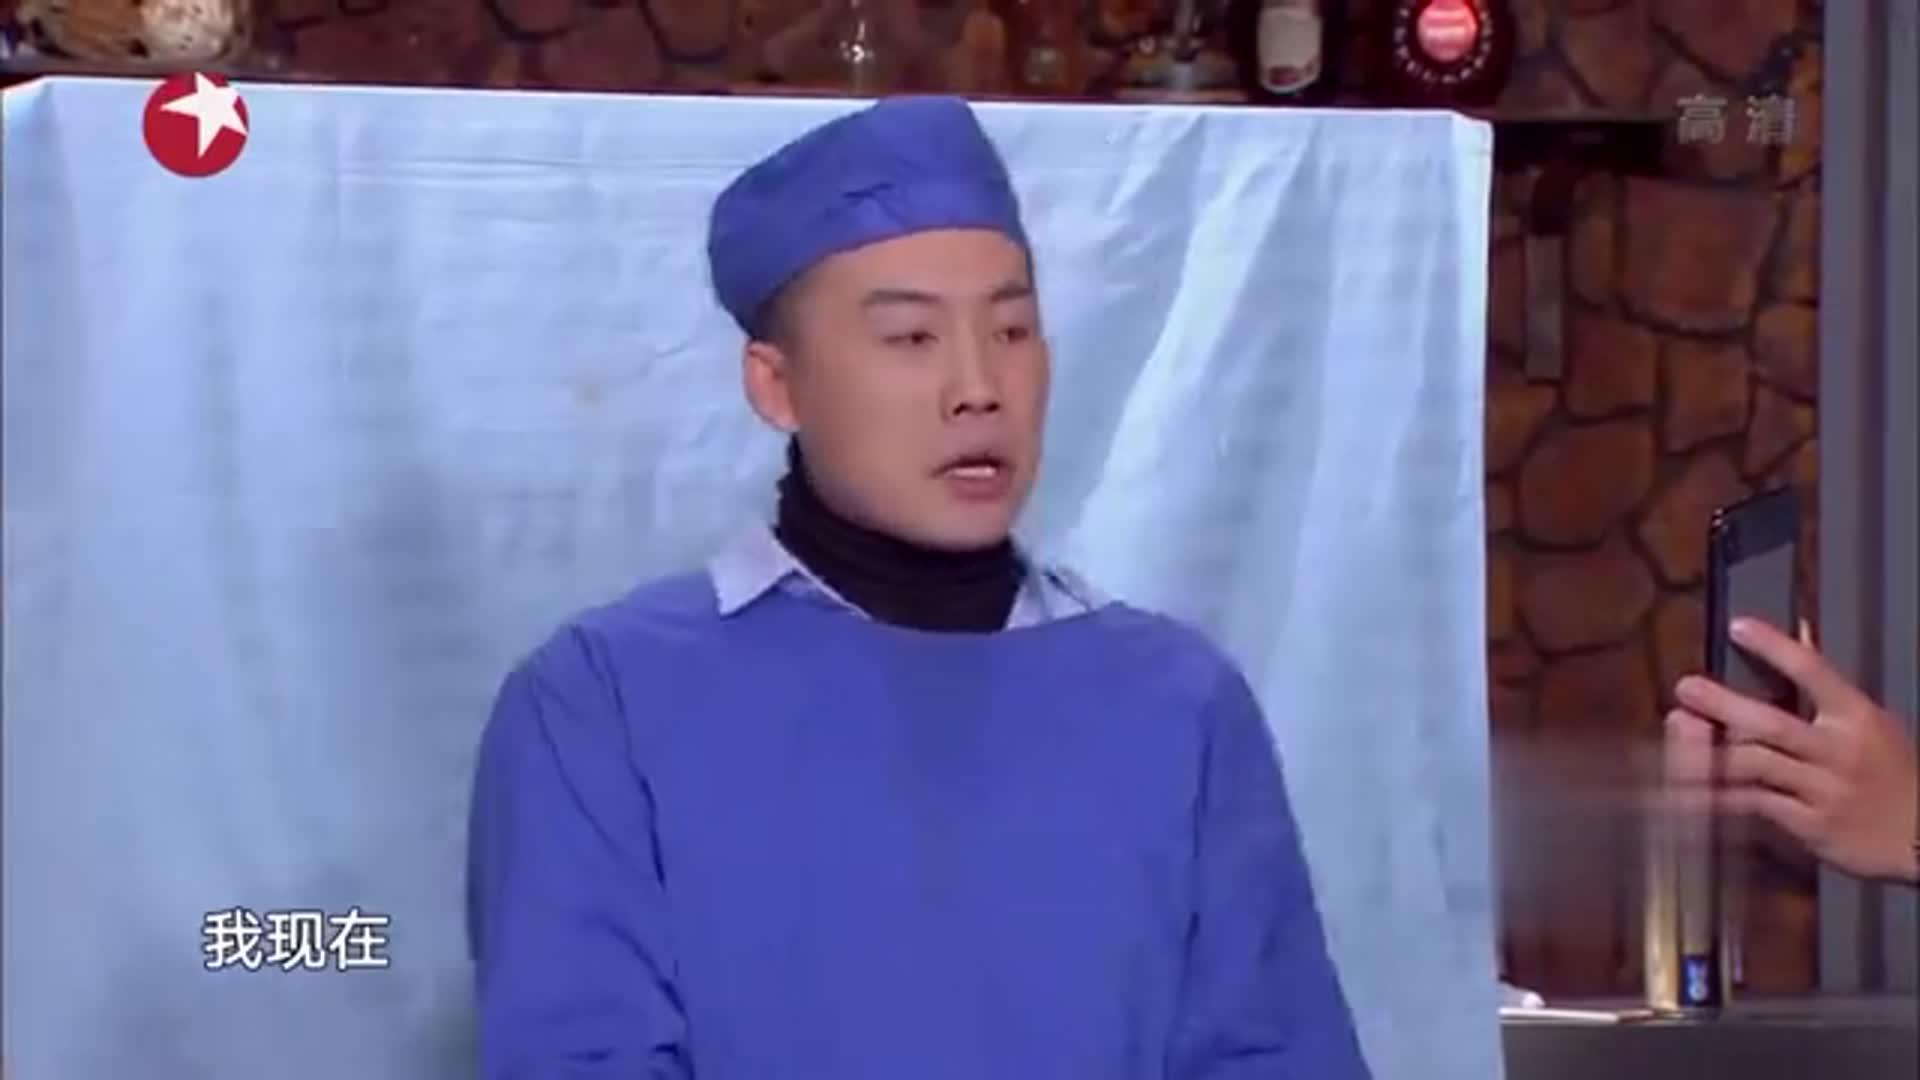 """杨祐宁追星打call,张海宇沦为""""妻管严"""",《男人空间》笑料满满"""